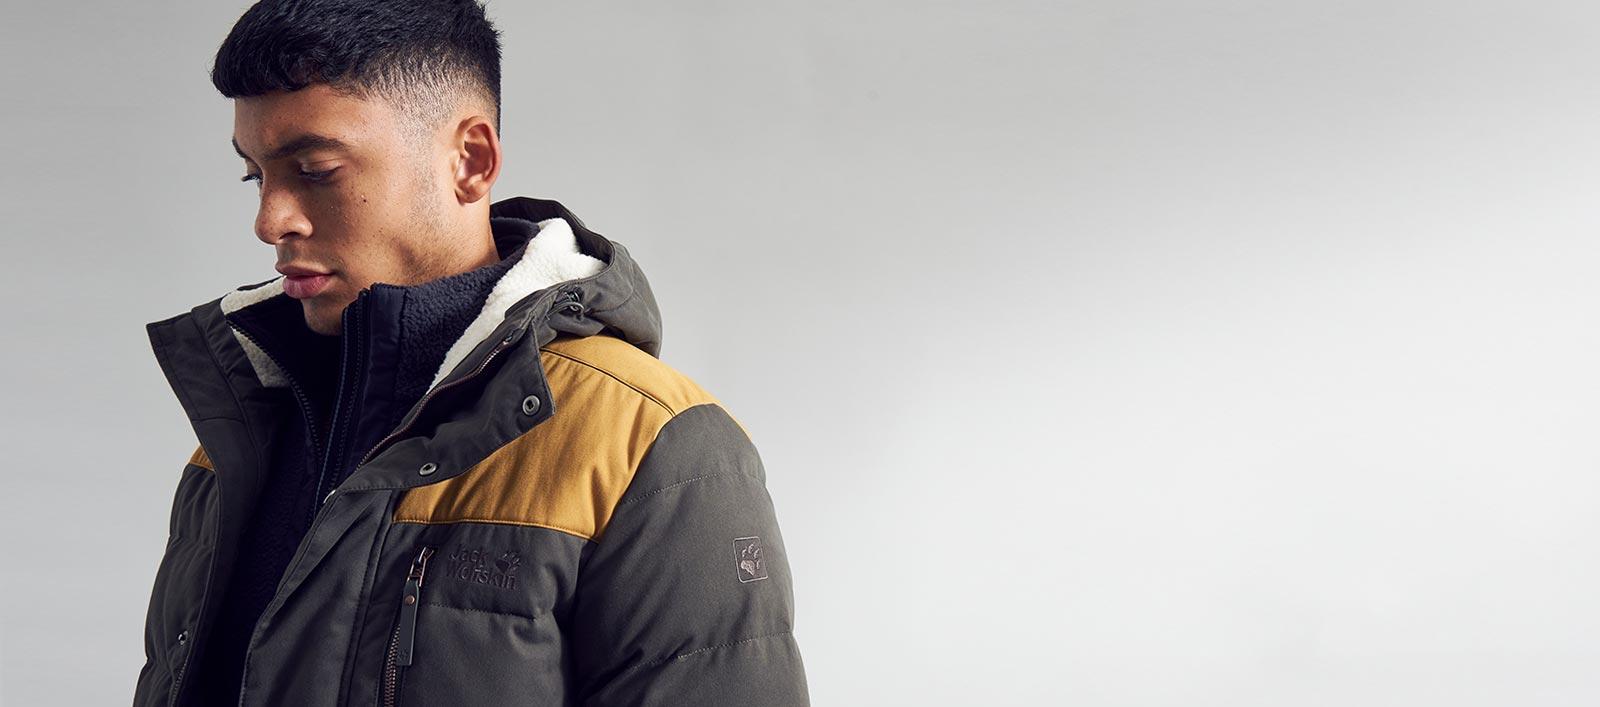 Model in Jack Wolfskin coat